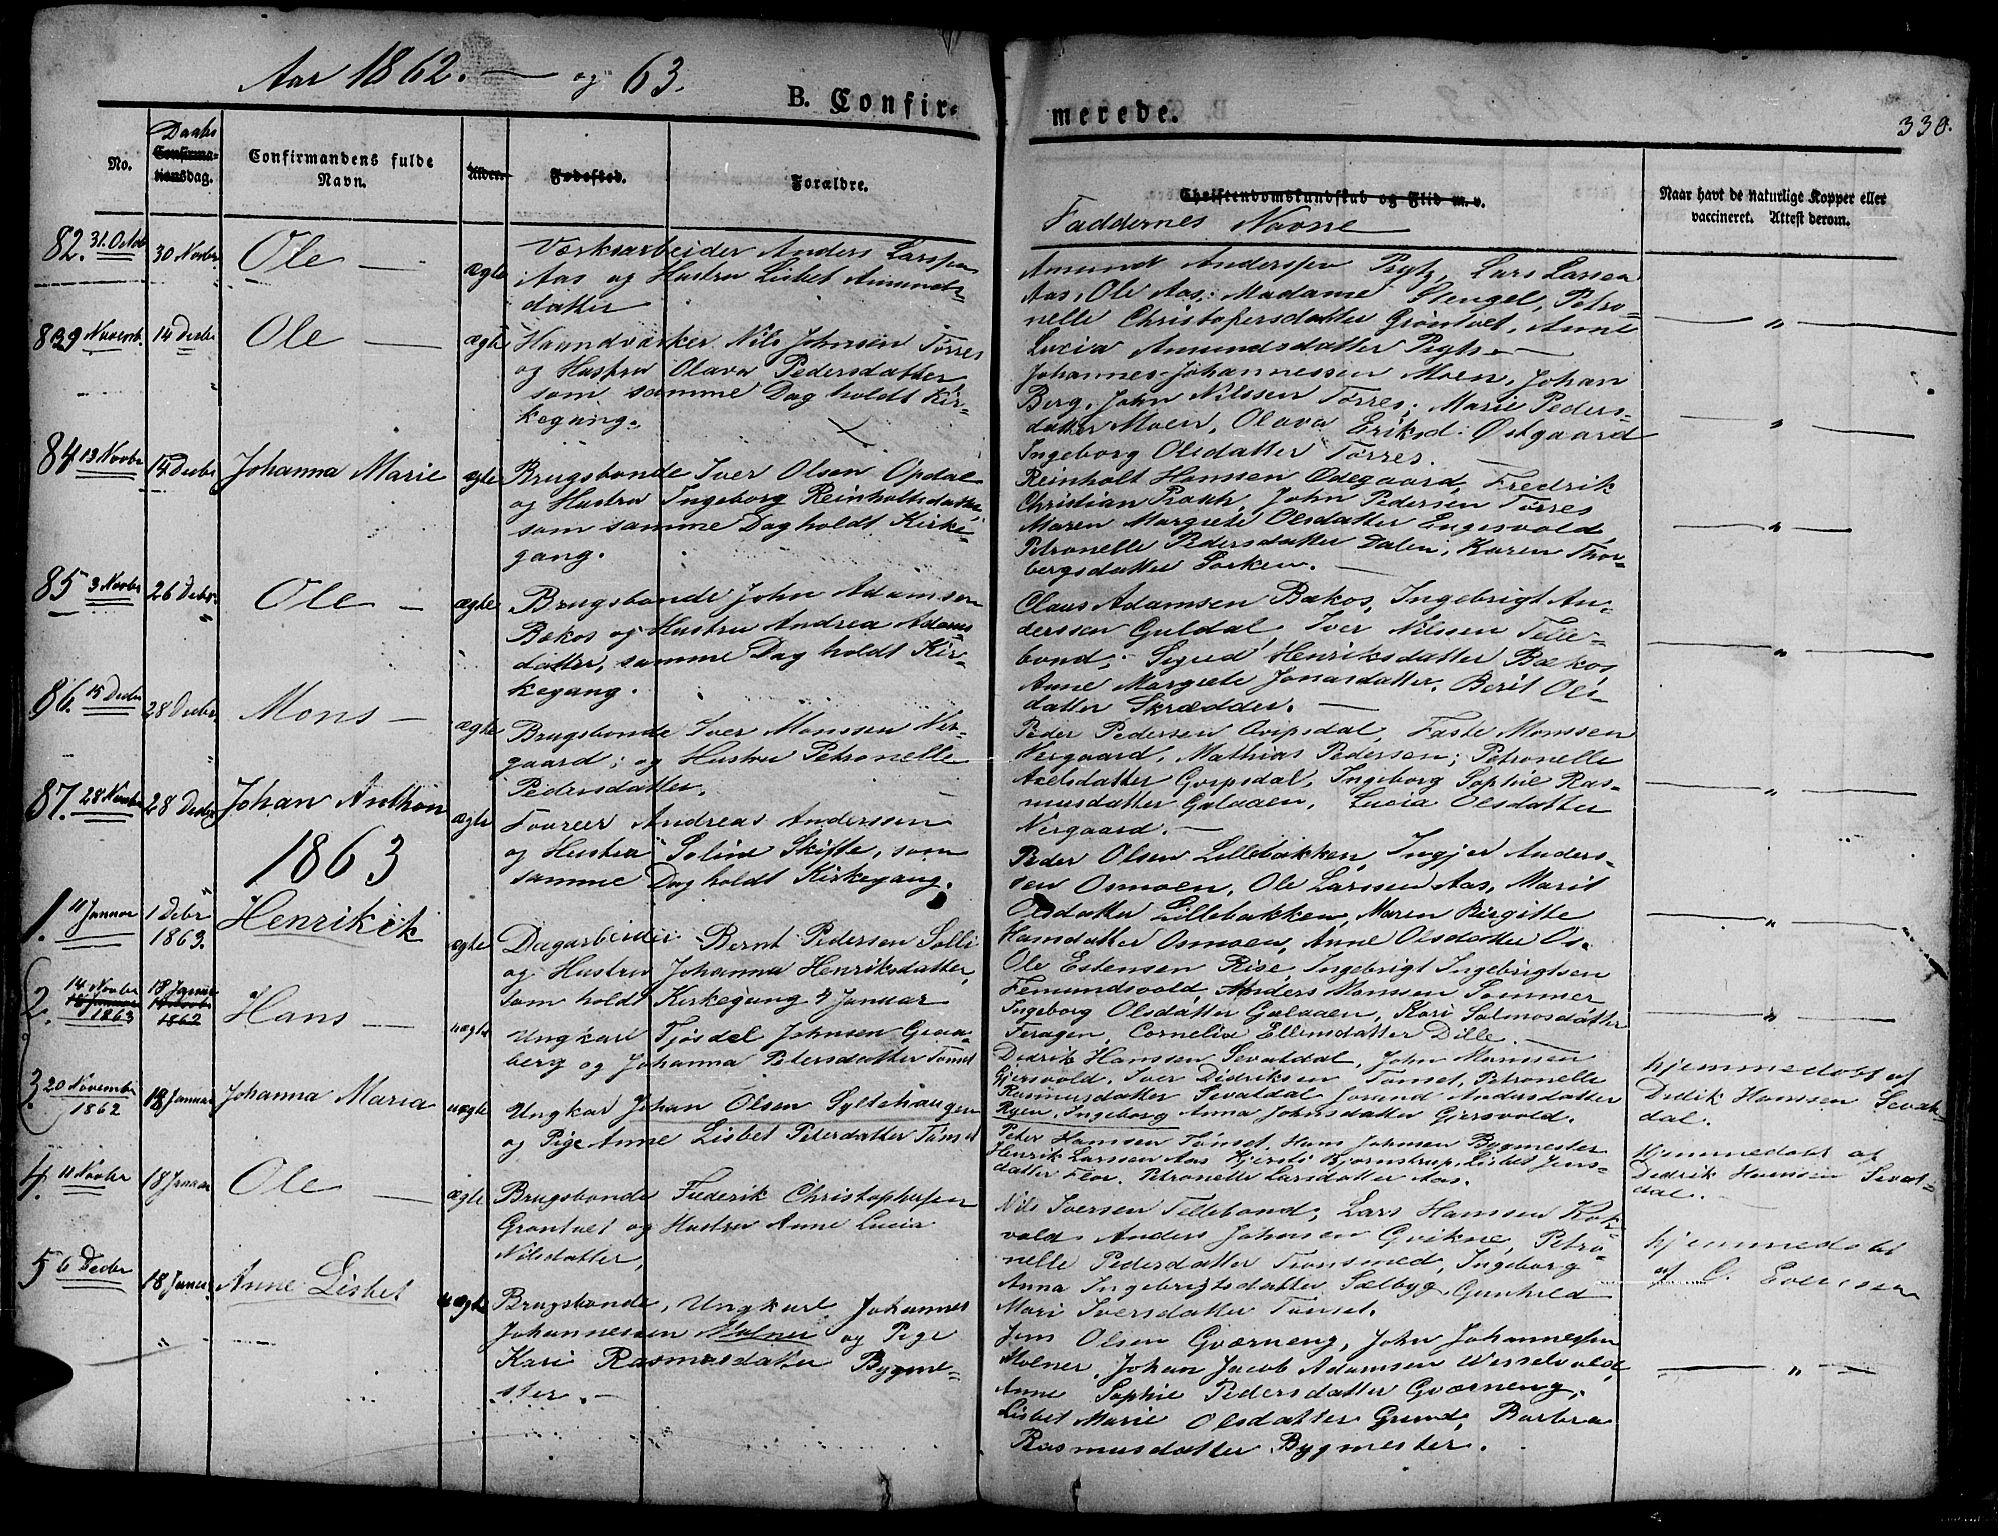 SAT, Ministerialprotokoller, klokkerbøker og fødselsregistre - Sør-Trøndelag, 681/L0938: Klokkerbok nr. 681C02, 1829-1879, s. 330